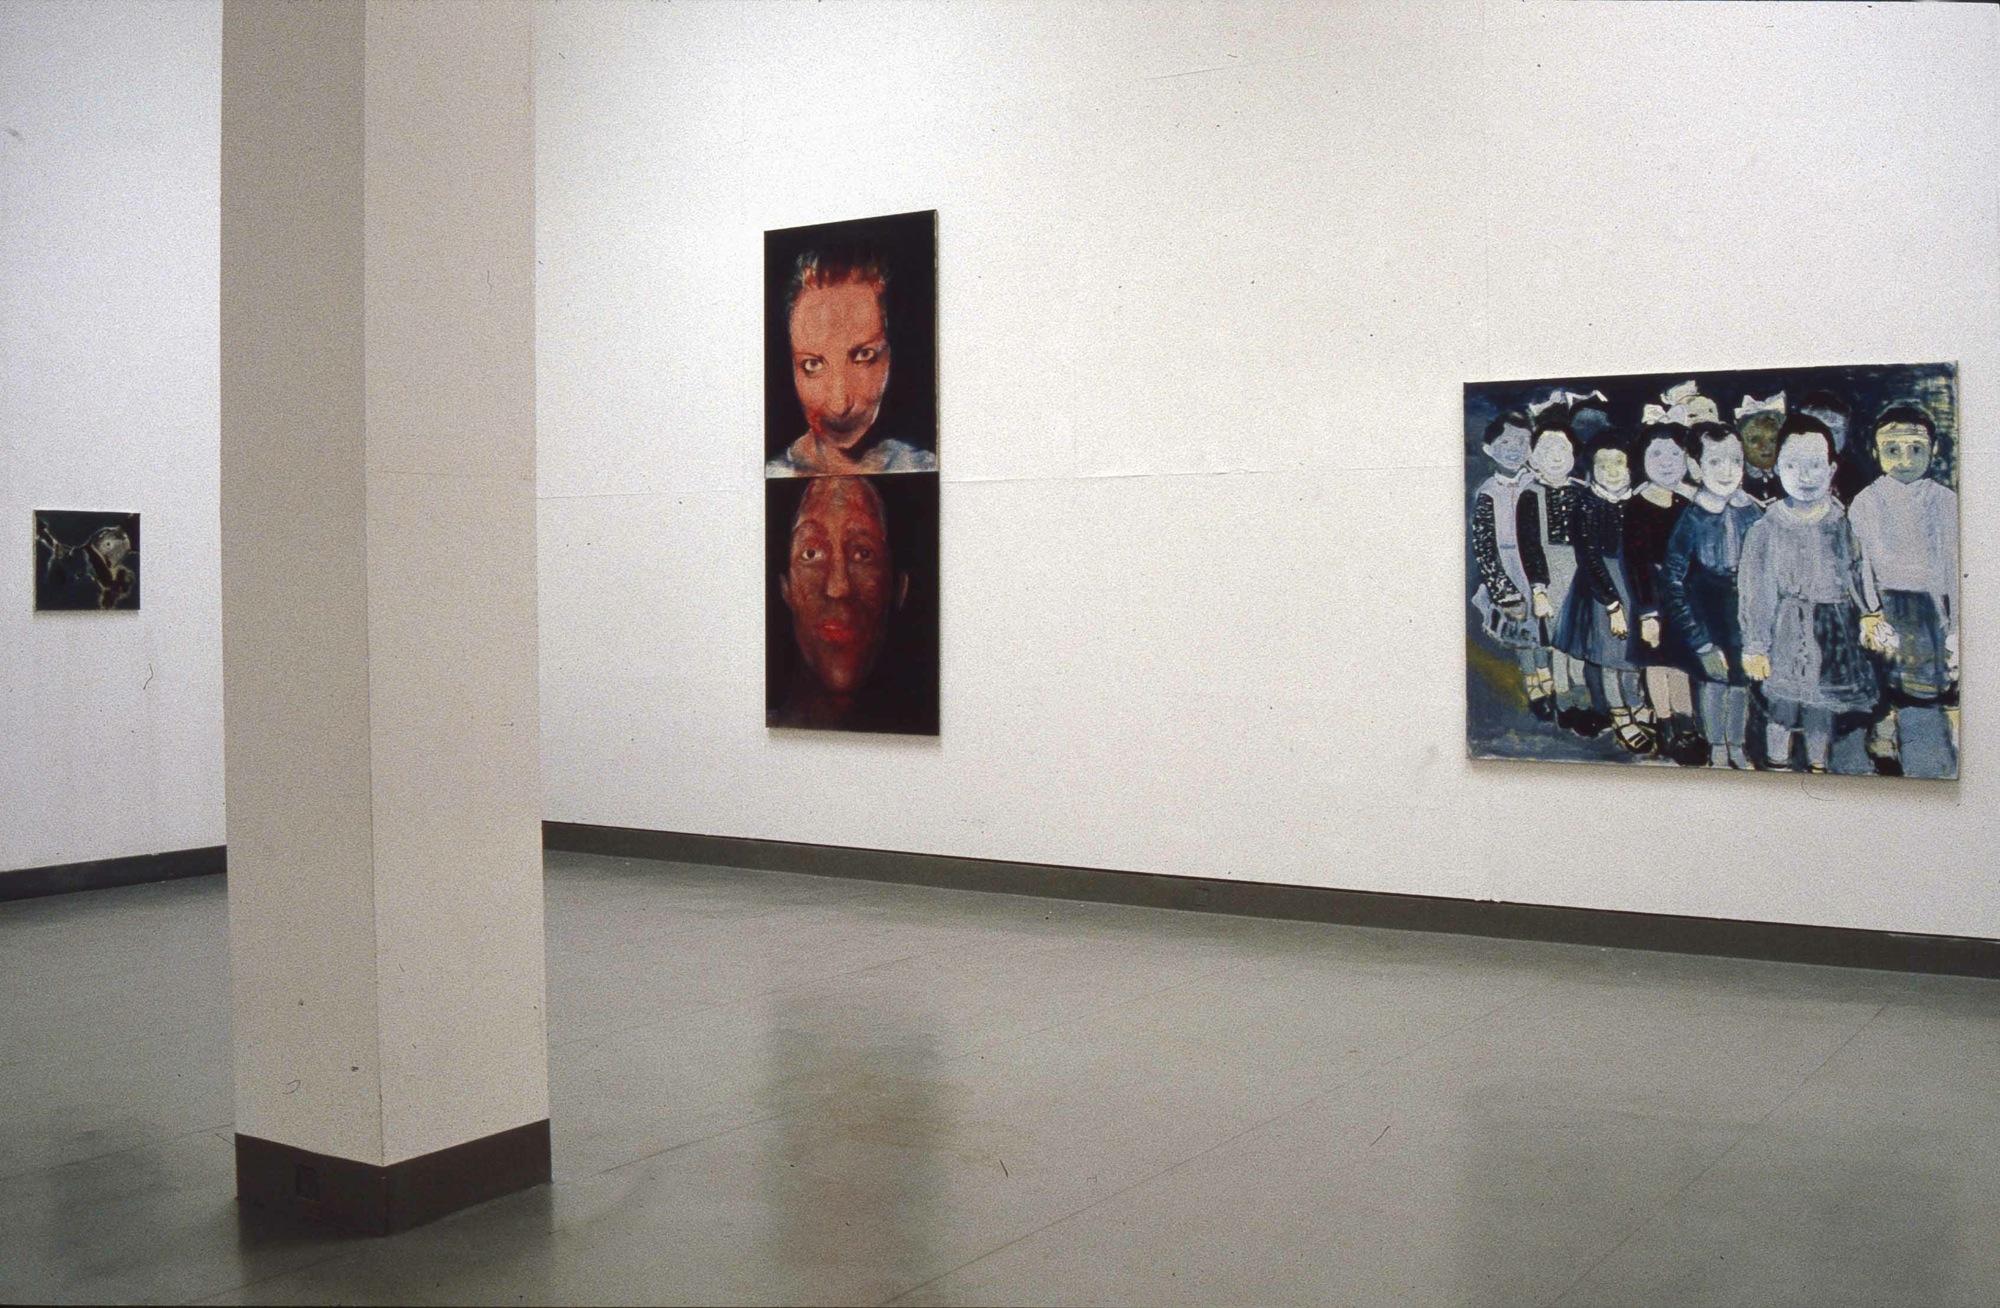 Kunstverein Bonn, Marlene Dumas, 1993